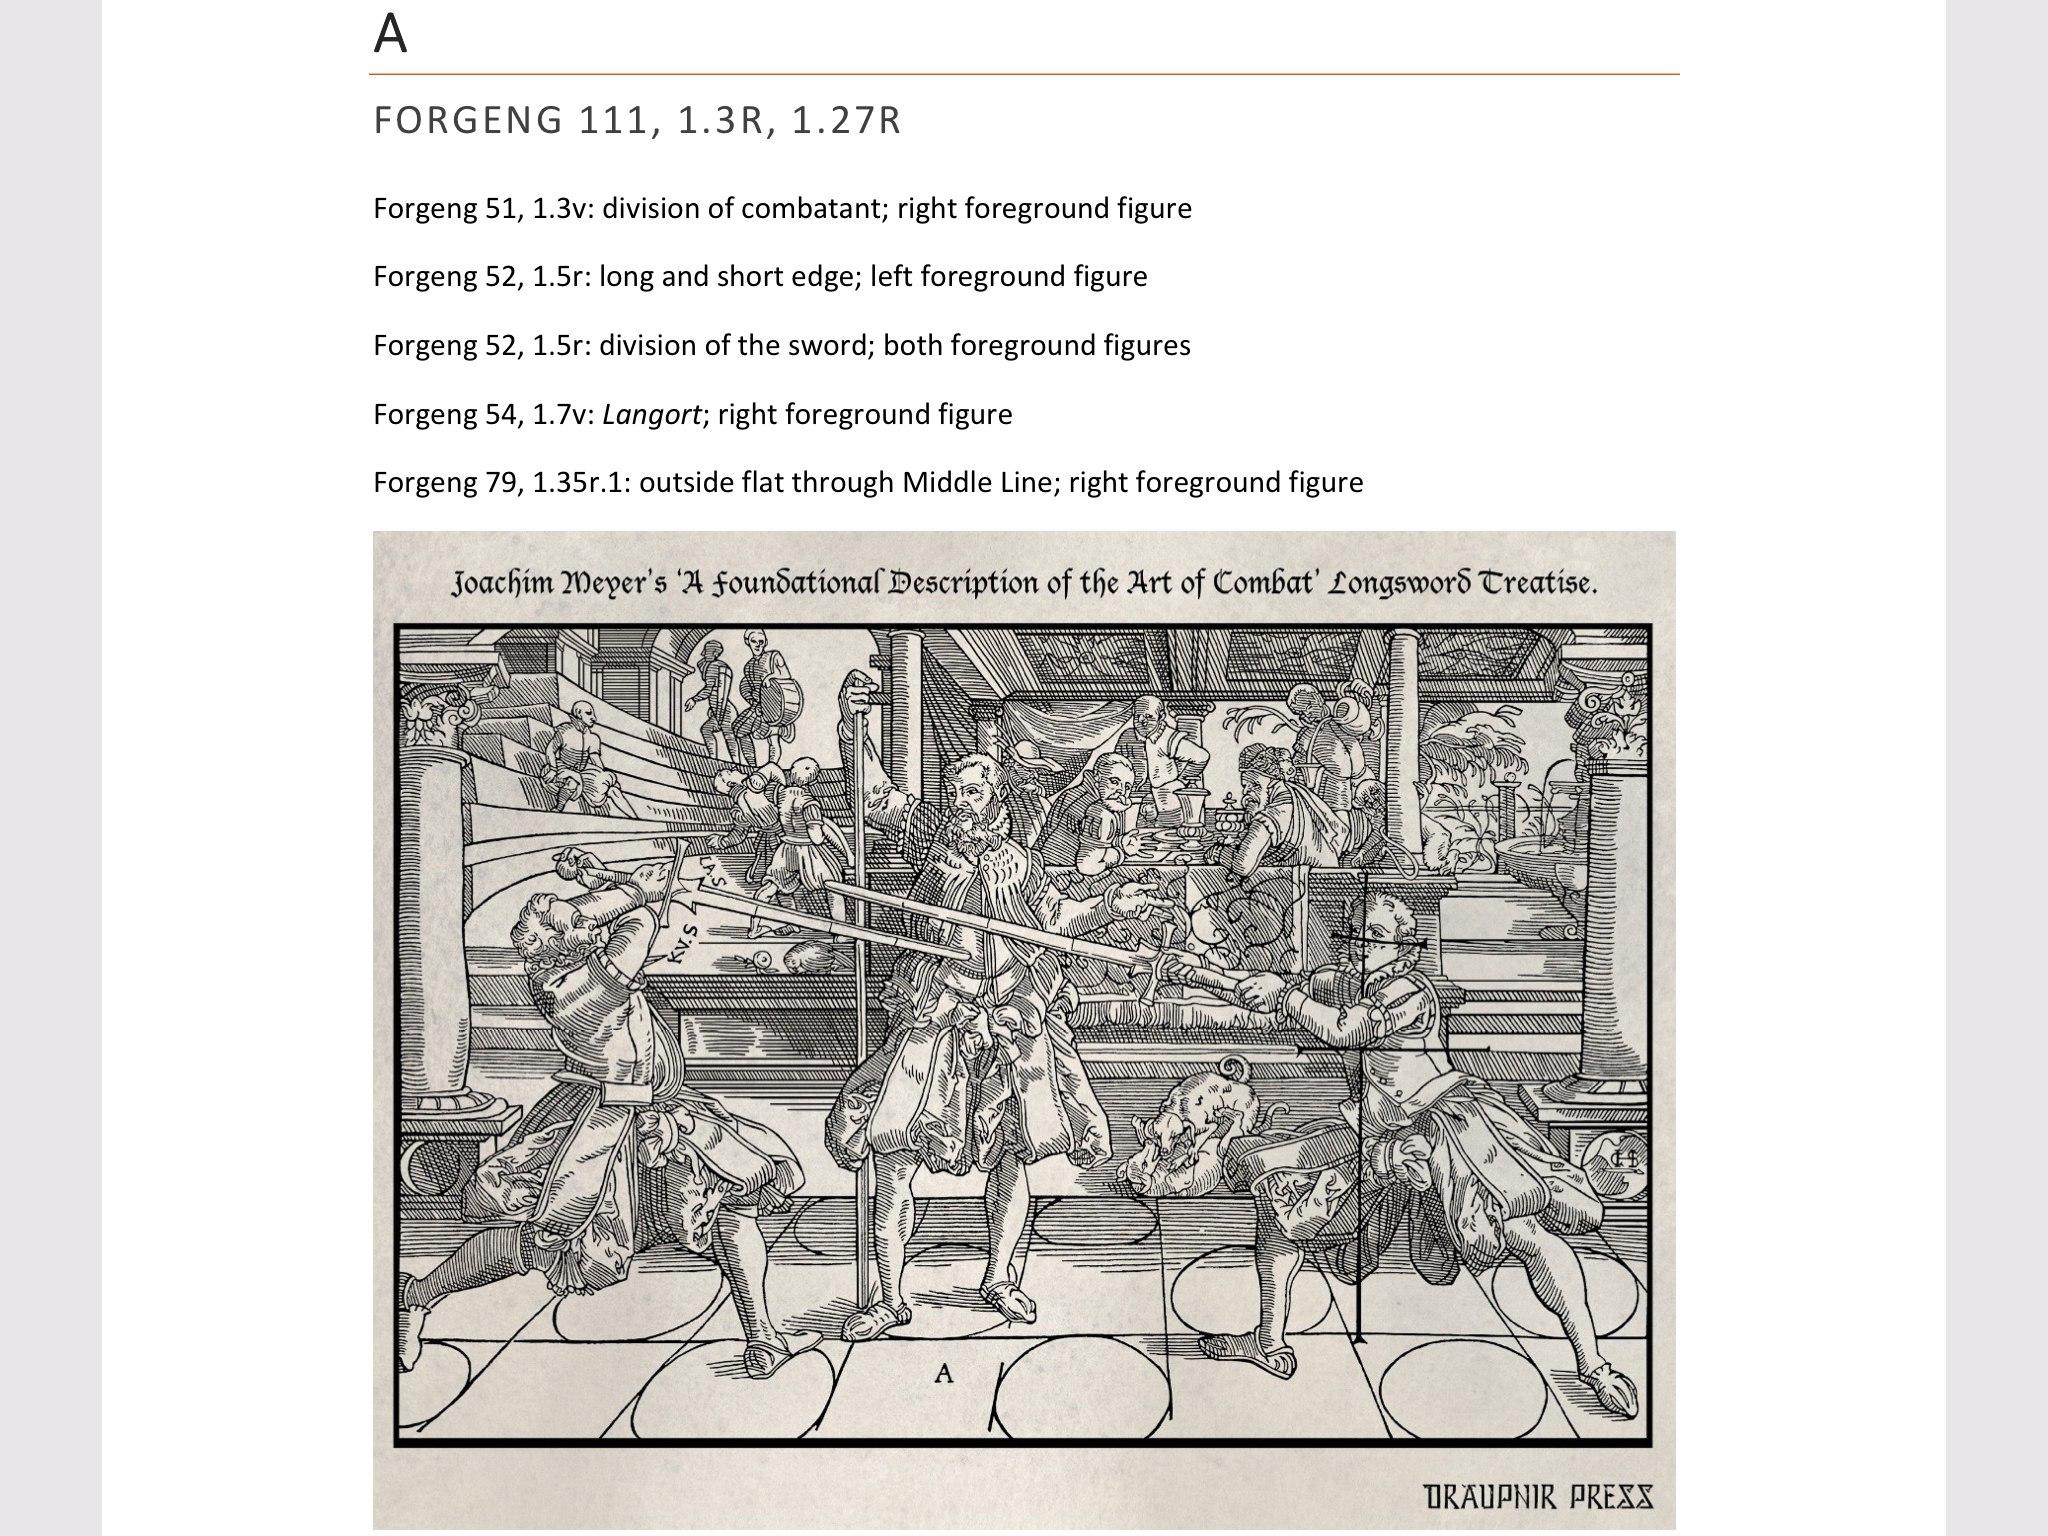 Теория НЕМА (HEMA Theory) - материалы по европейскому историческому фехтованию: фехбуки, видеоуроки...